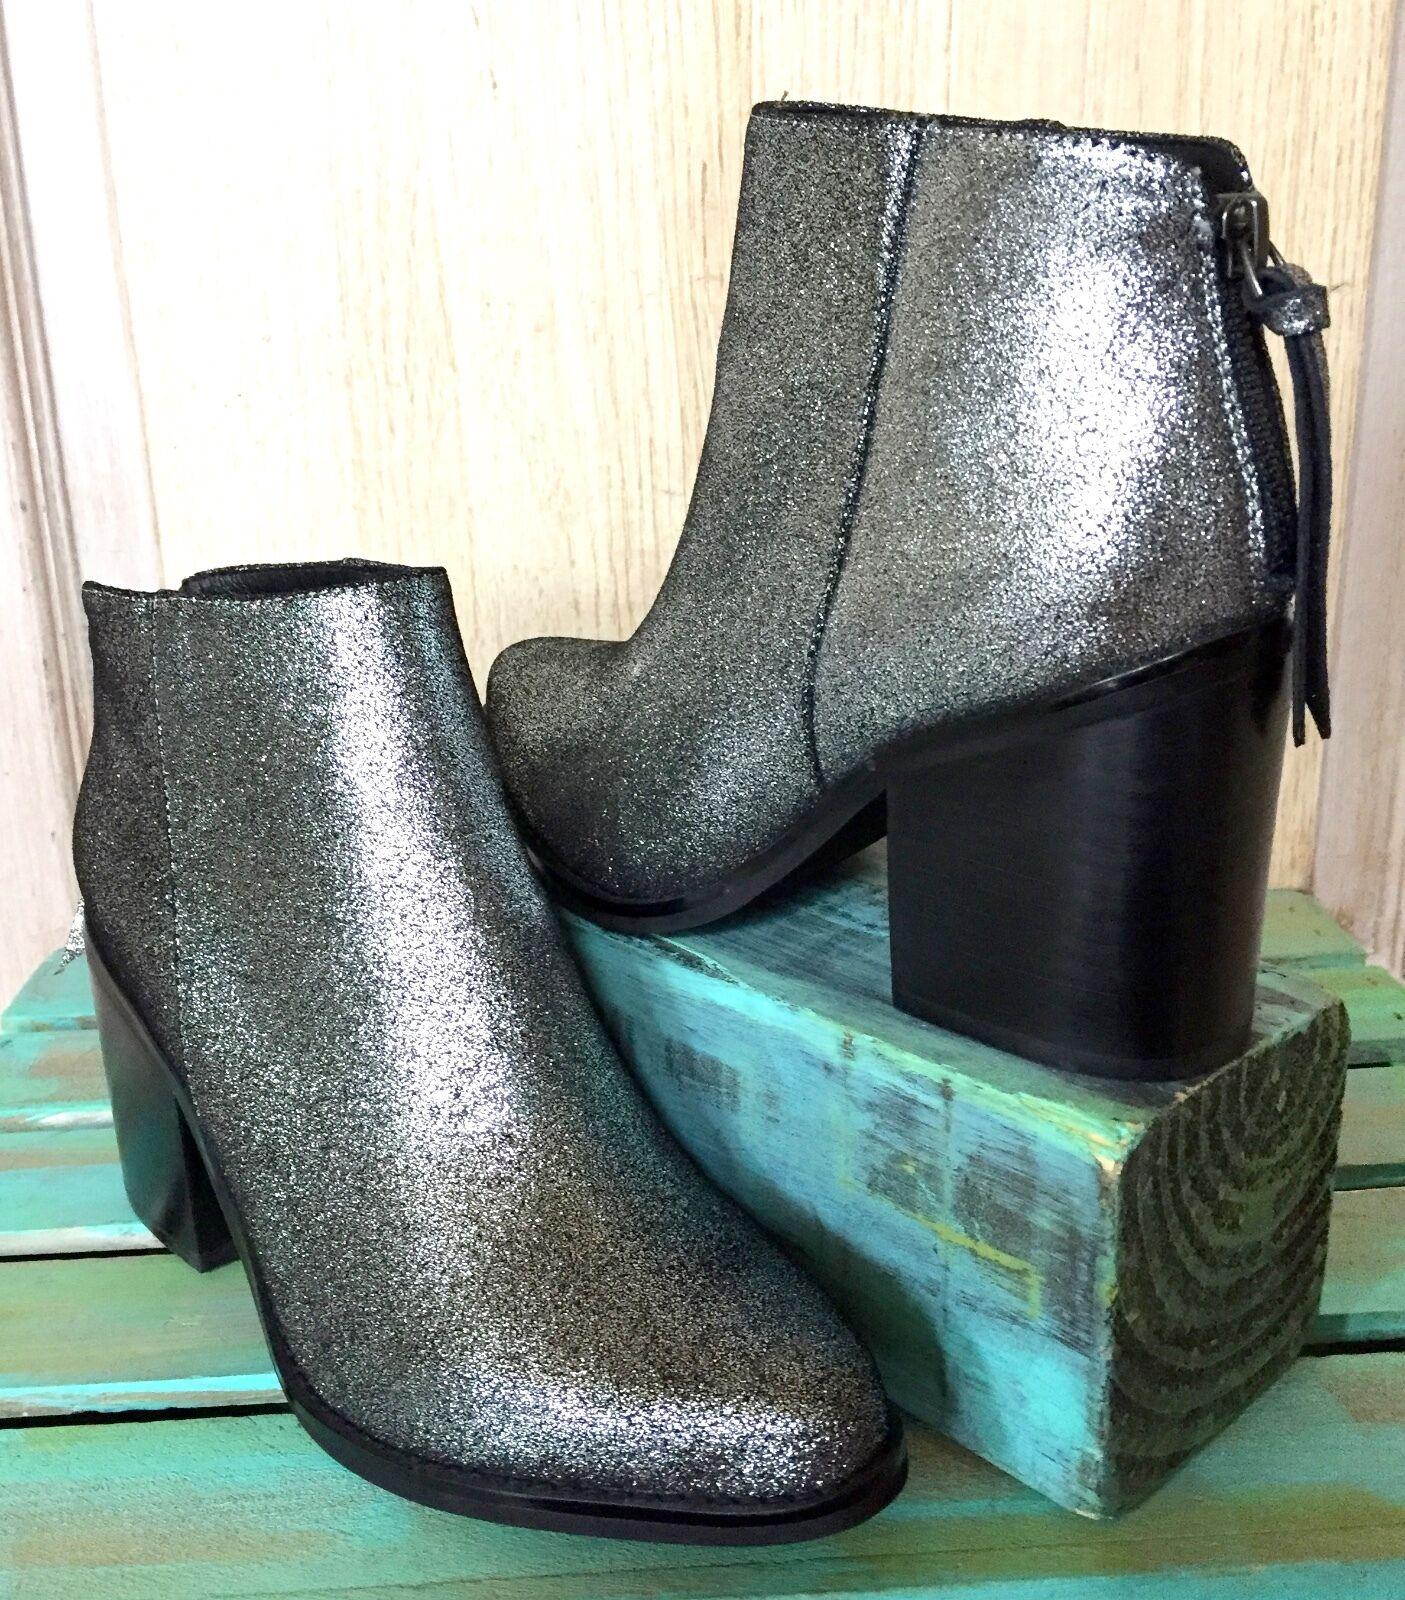 perfezionare NIB A Over A Pewter Metallic Leather Back Back Back Zipper Ankle stivali 37  Garanzia di vestibilità al 100%